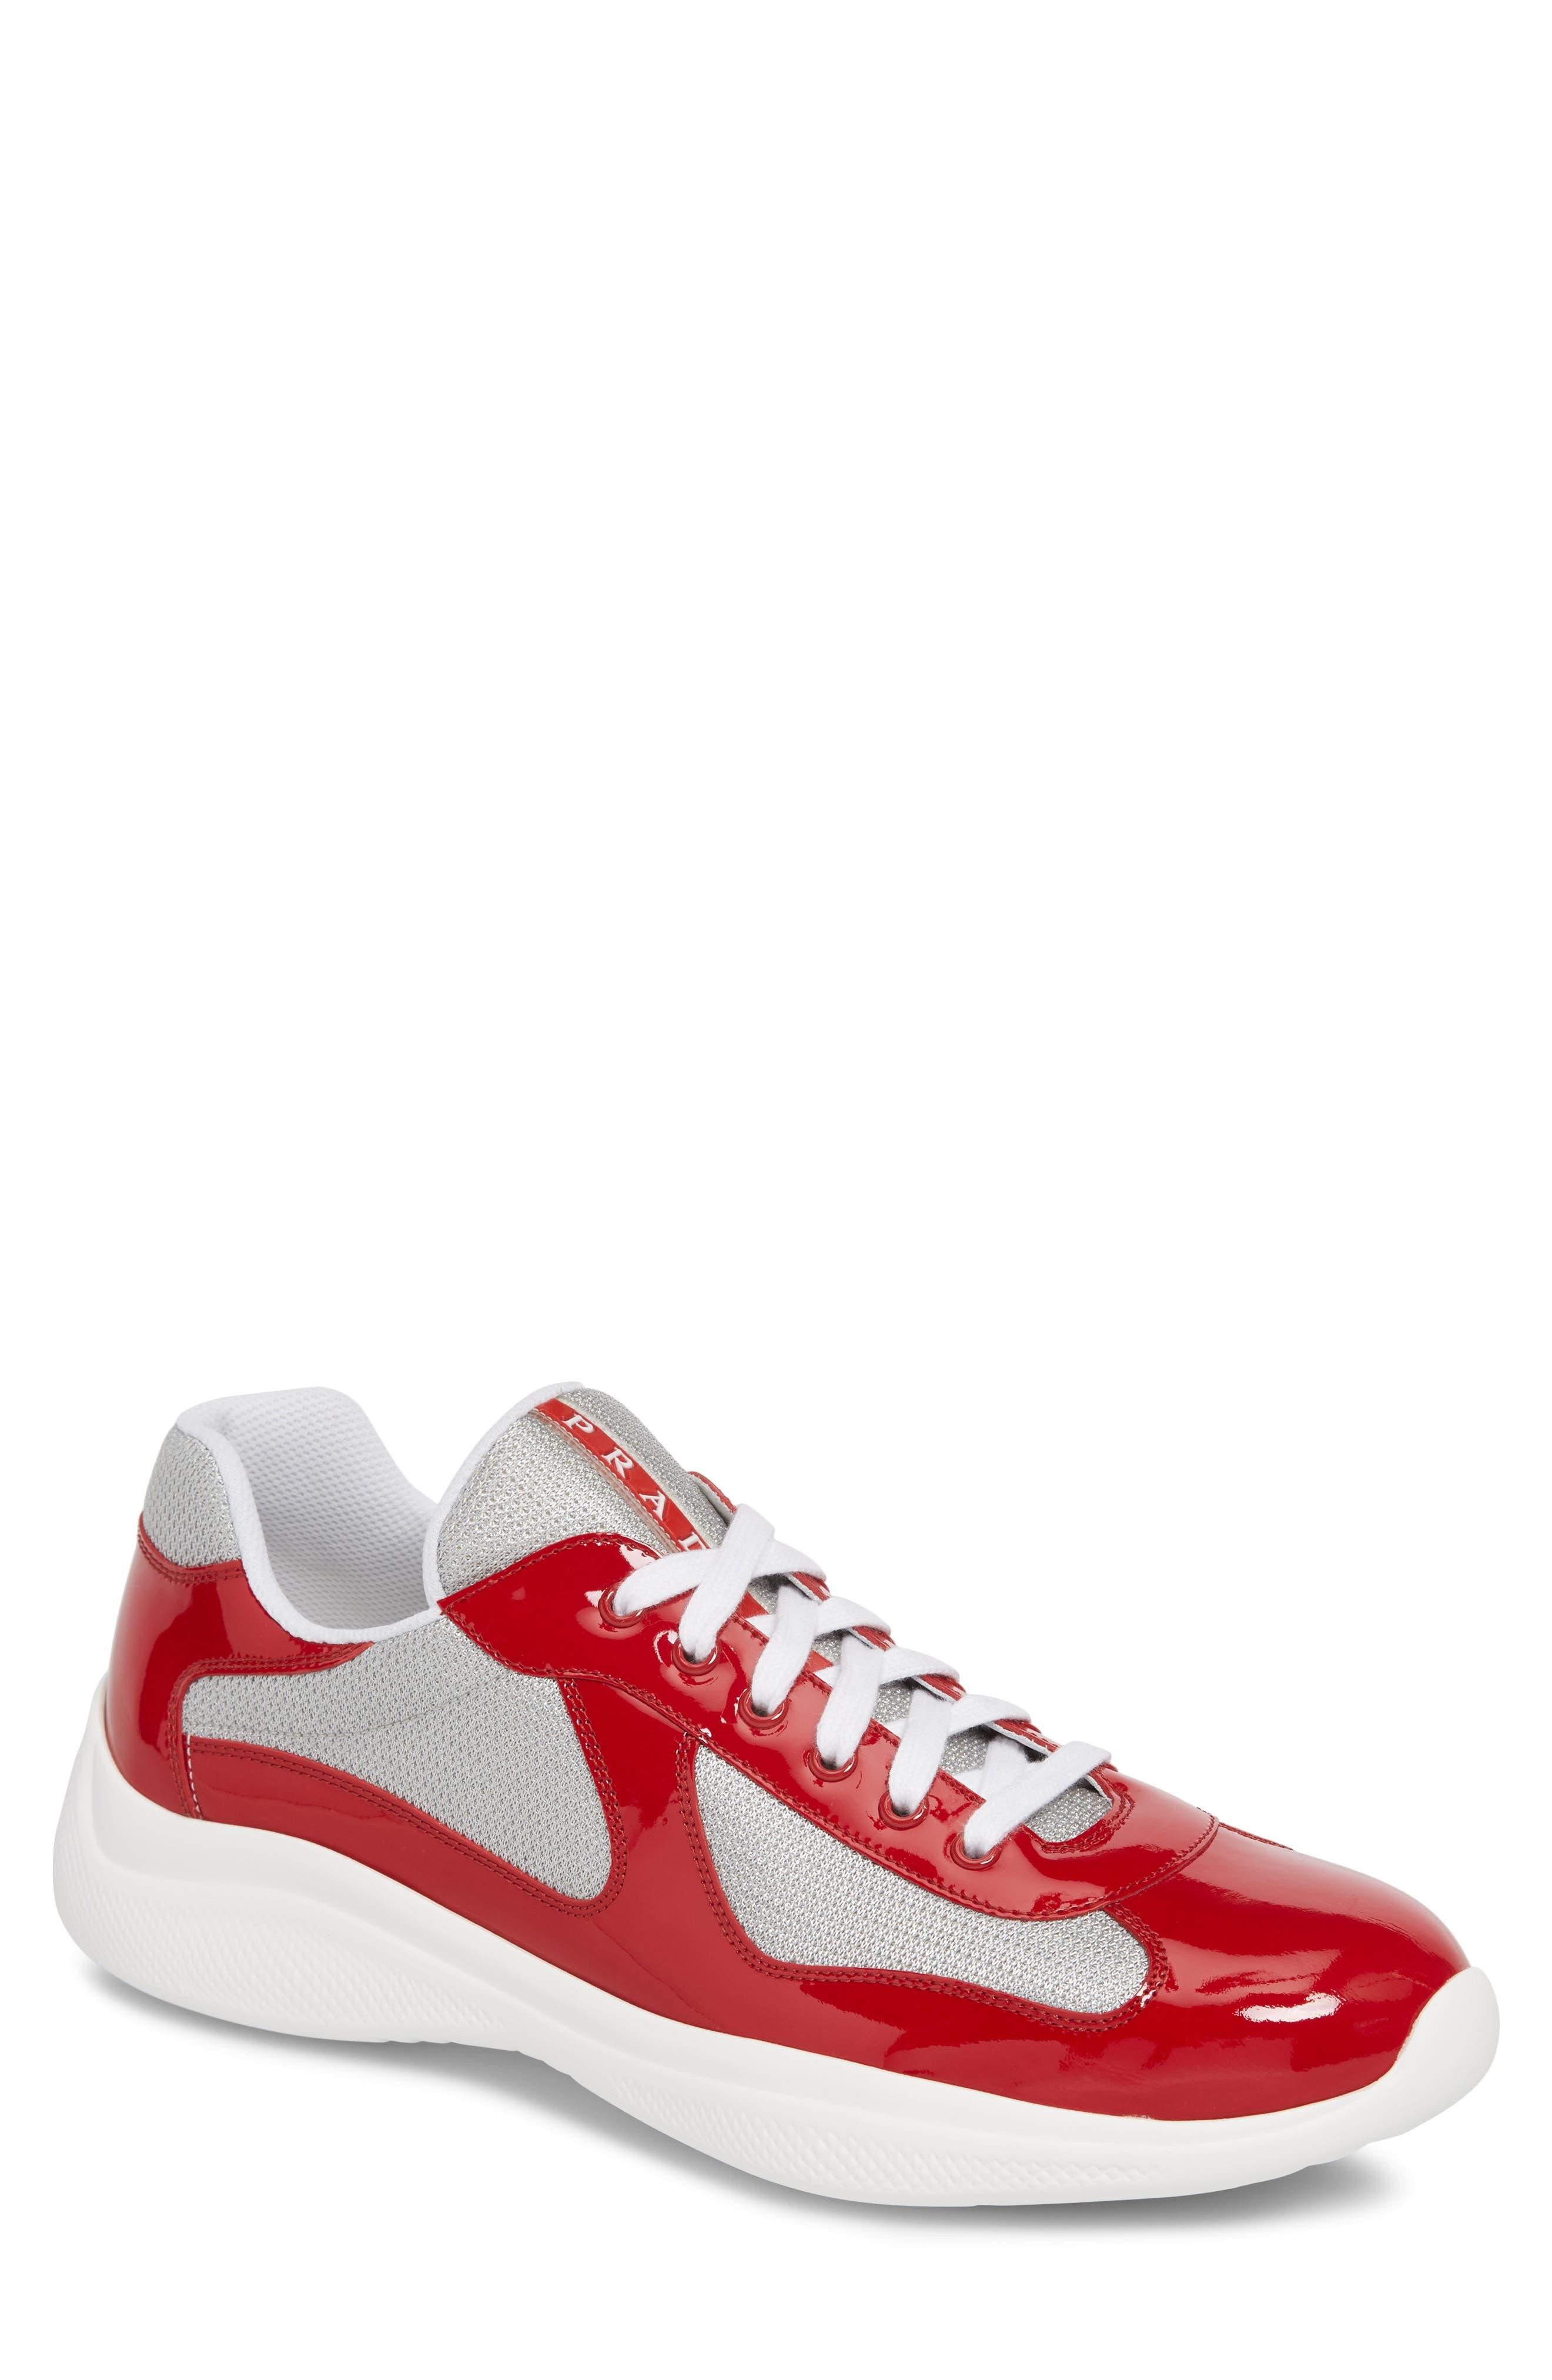 nordstrom mens designer shoes